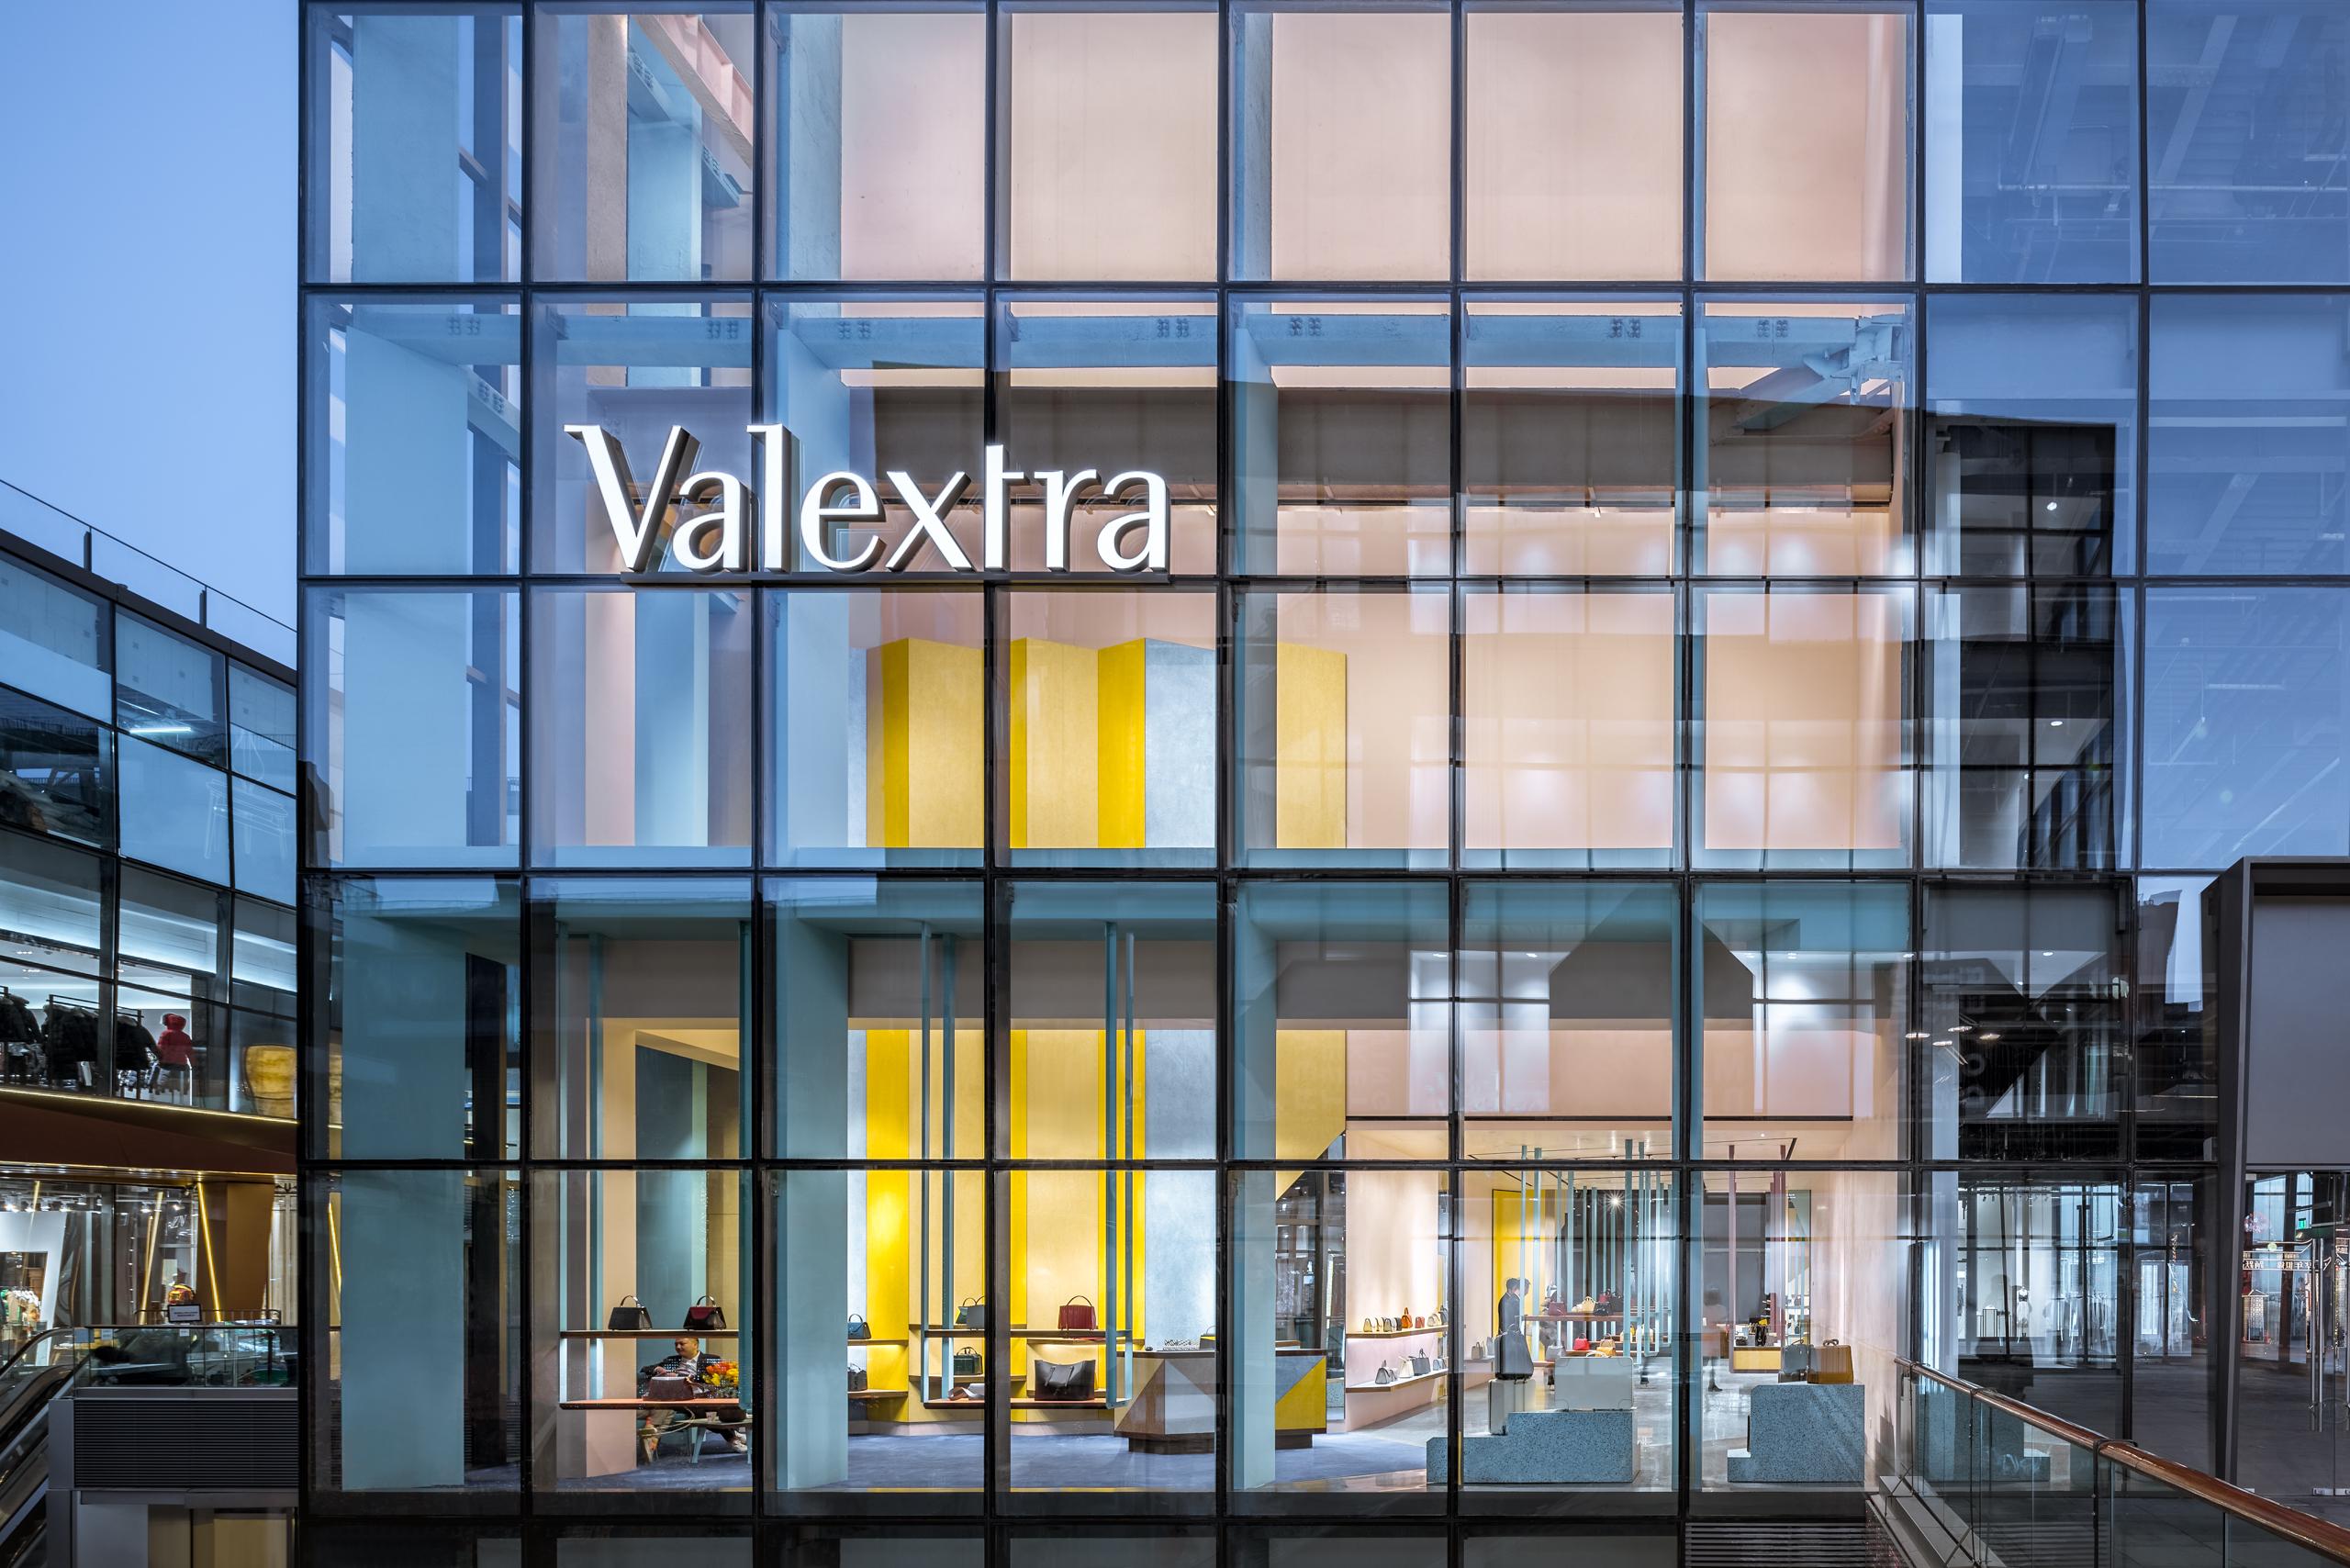 奢侈品不能偷工减料!我们要打造一个永留于世的品牌丨《华丽志》独家专访意大利顶级皮具品牌 Valextra 全球CEO